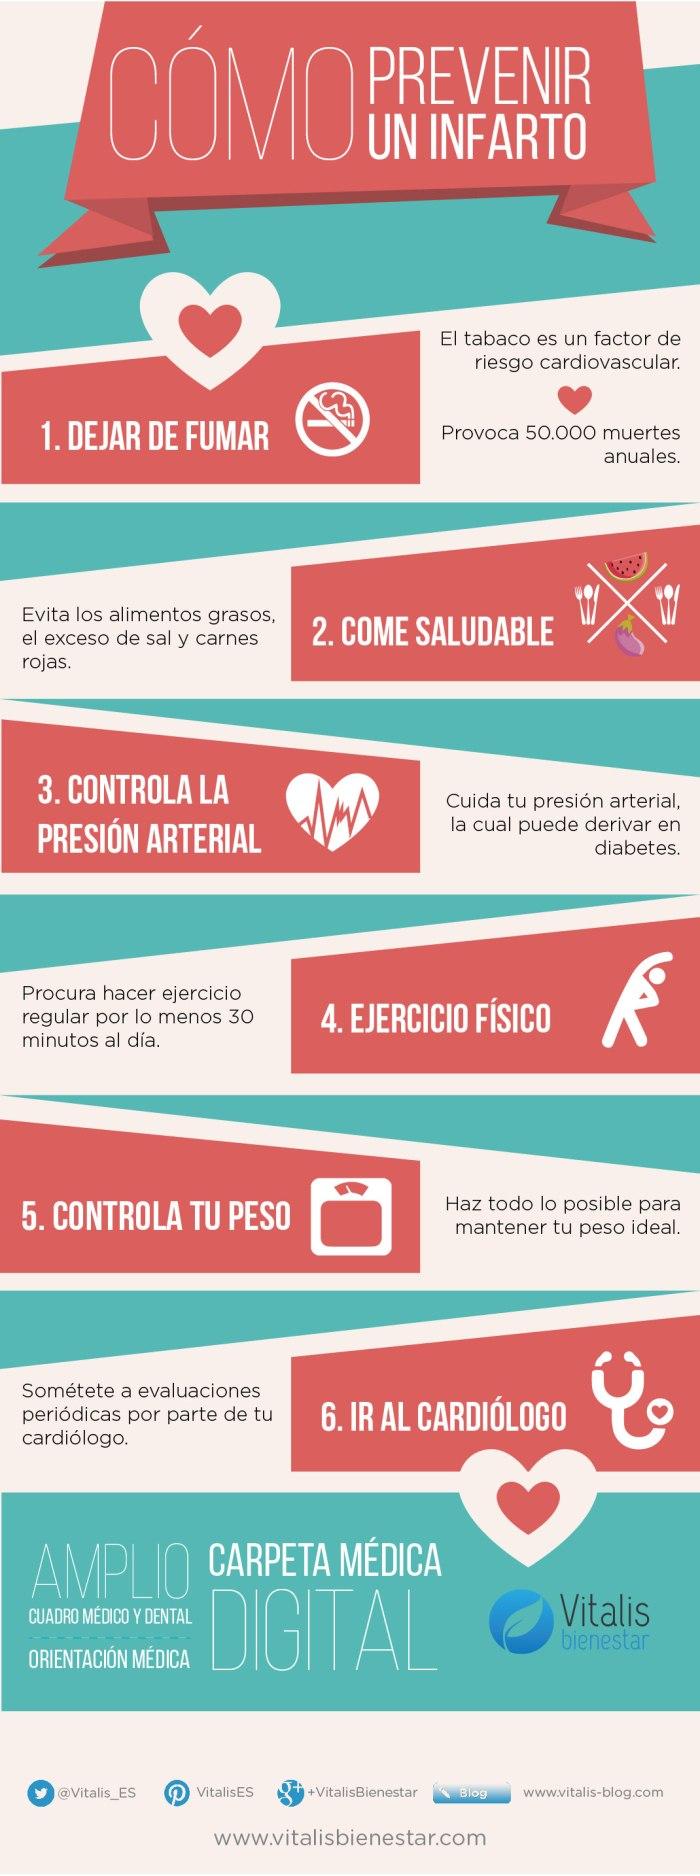 Cómo prevenir un infarto